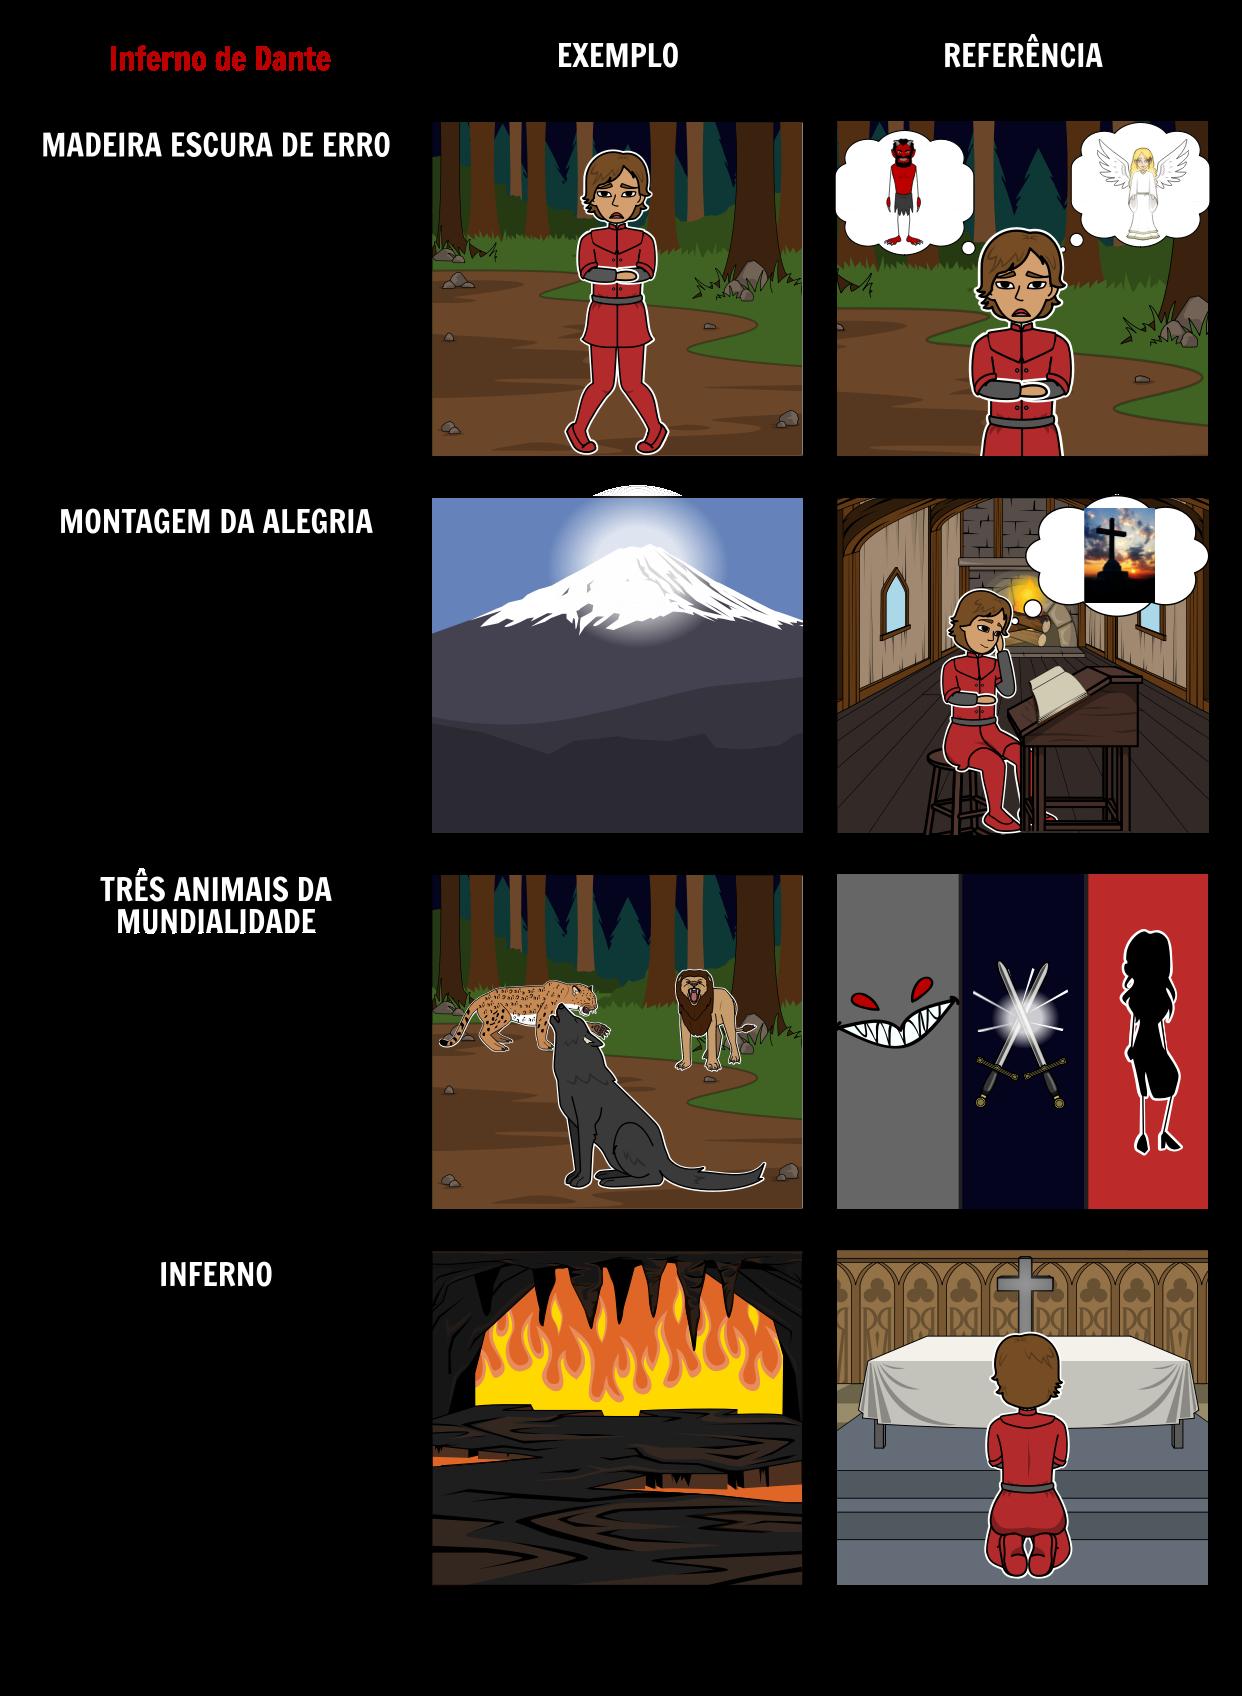 Livro do Inferno de Dante   A Divina Comédia   Dante Inferno